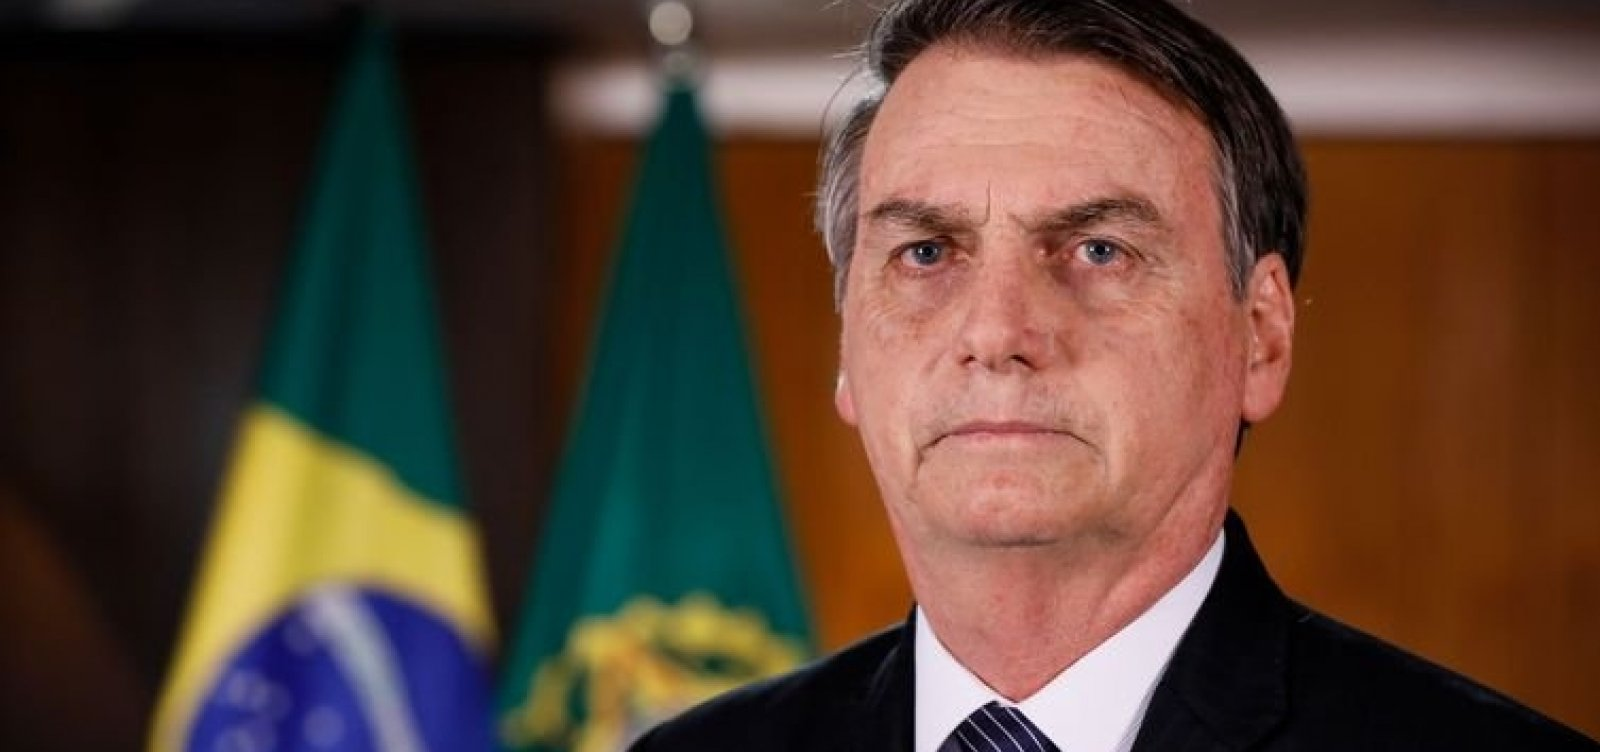 ['Poderia levar ovada na cara', diz Bolsonaro sobre cancelamento de viagem a NY]